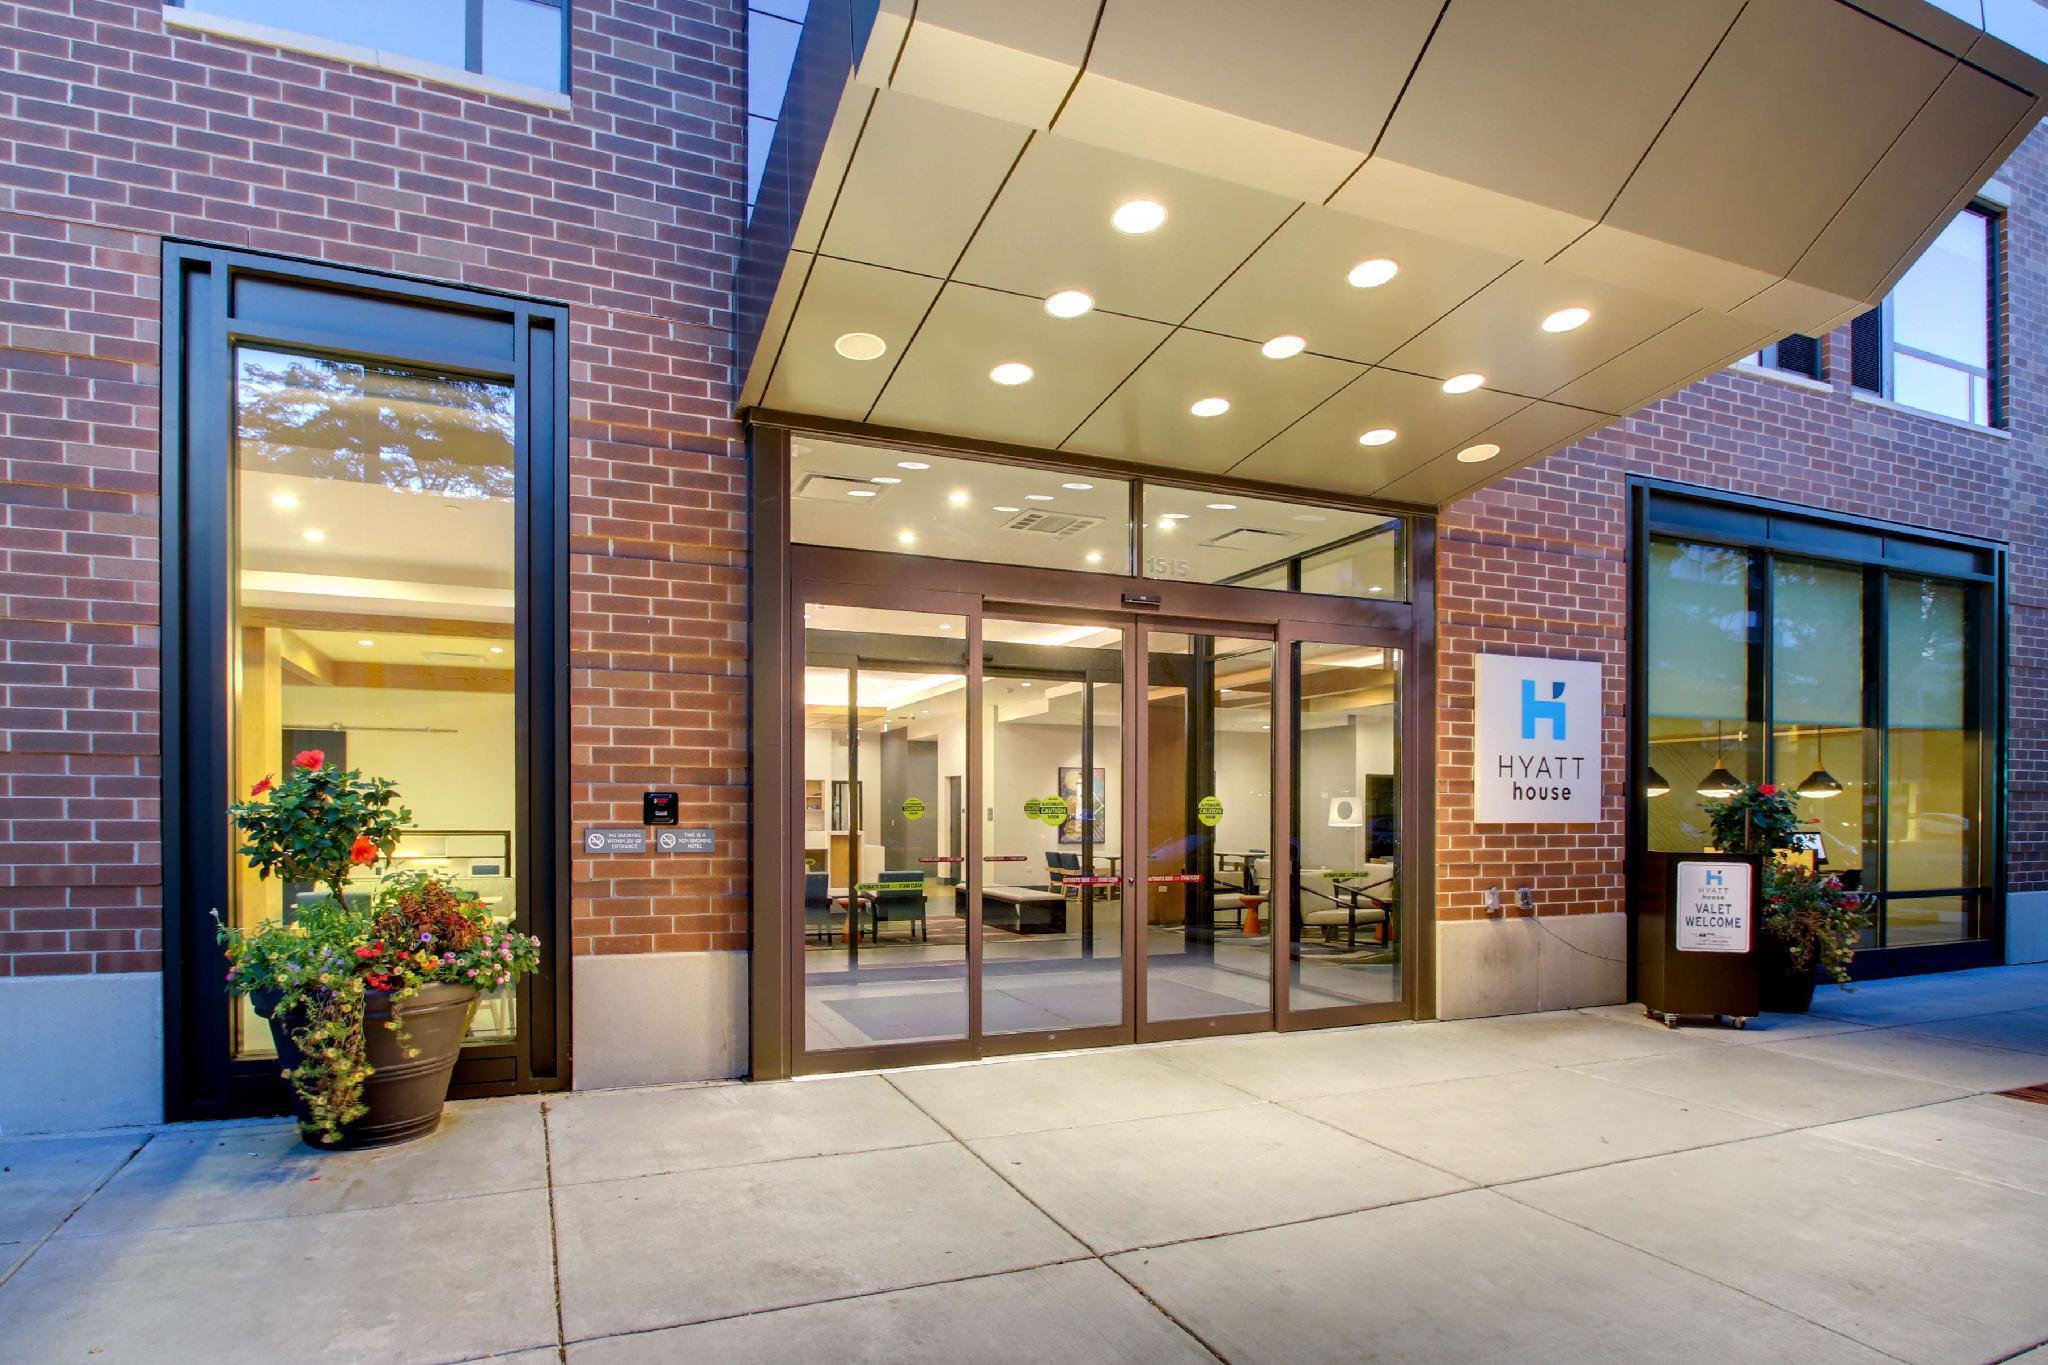 Hyatt House Chicago Evanston